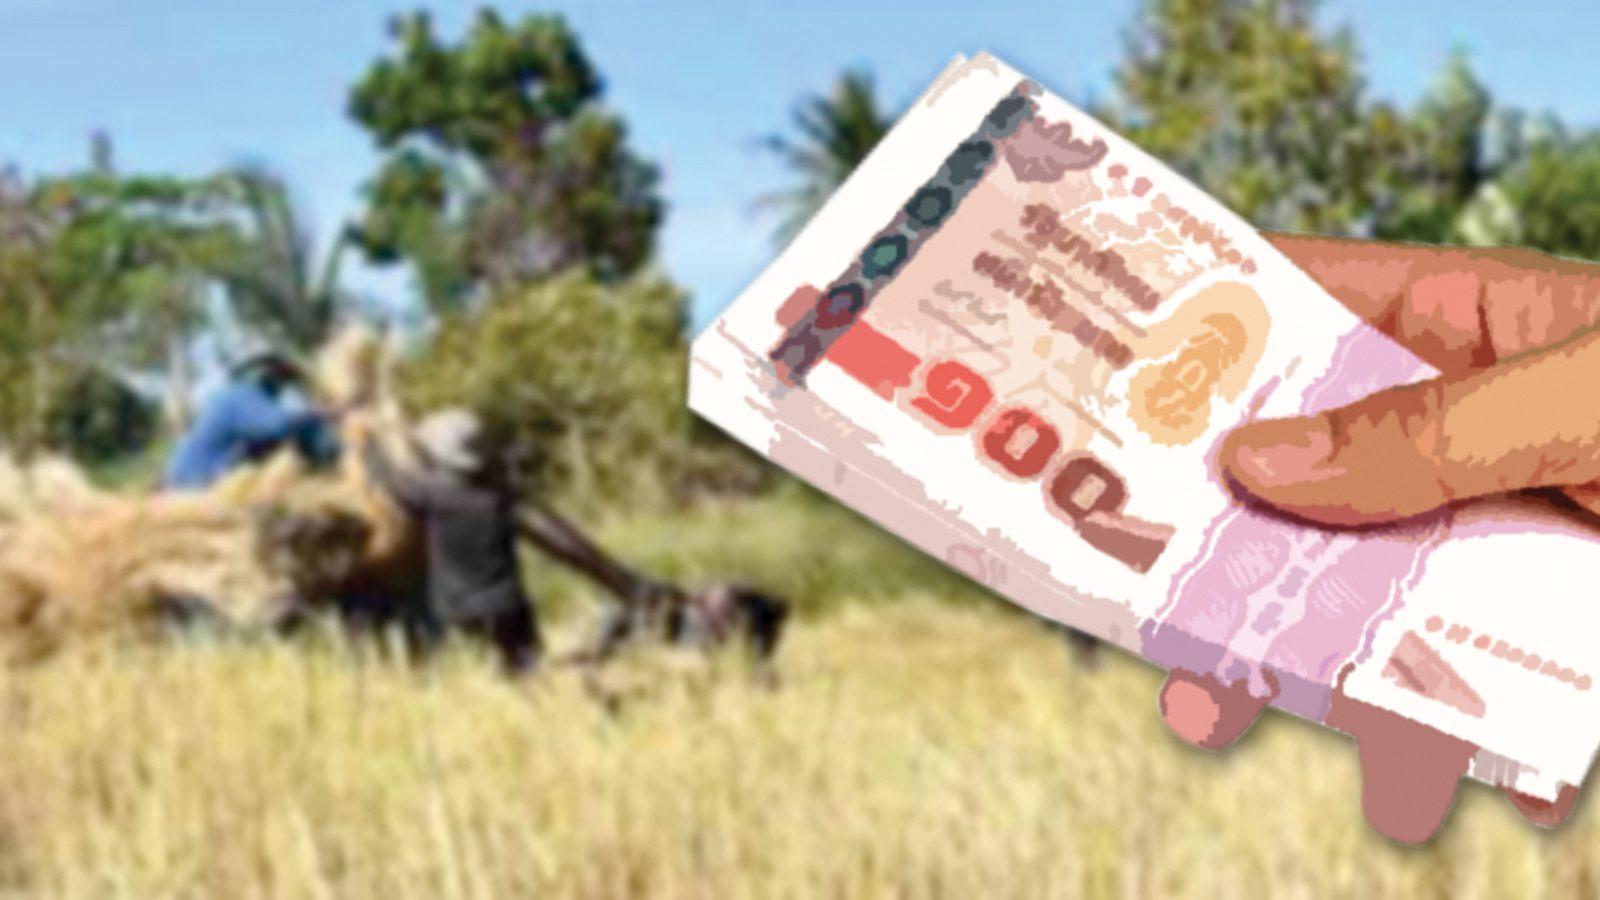 'ก.เกษตรฯ' เตรียมช่วยเกษตรกร 10 ล้านทะเบียน 5,000 บาท นาน 3 เดือน